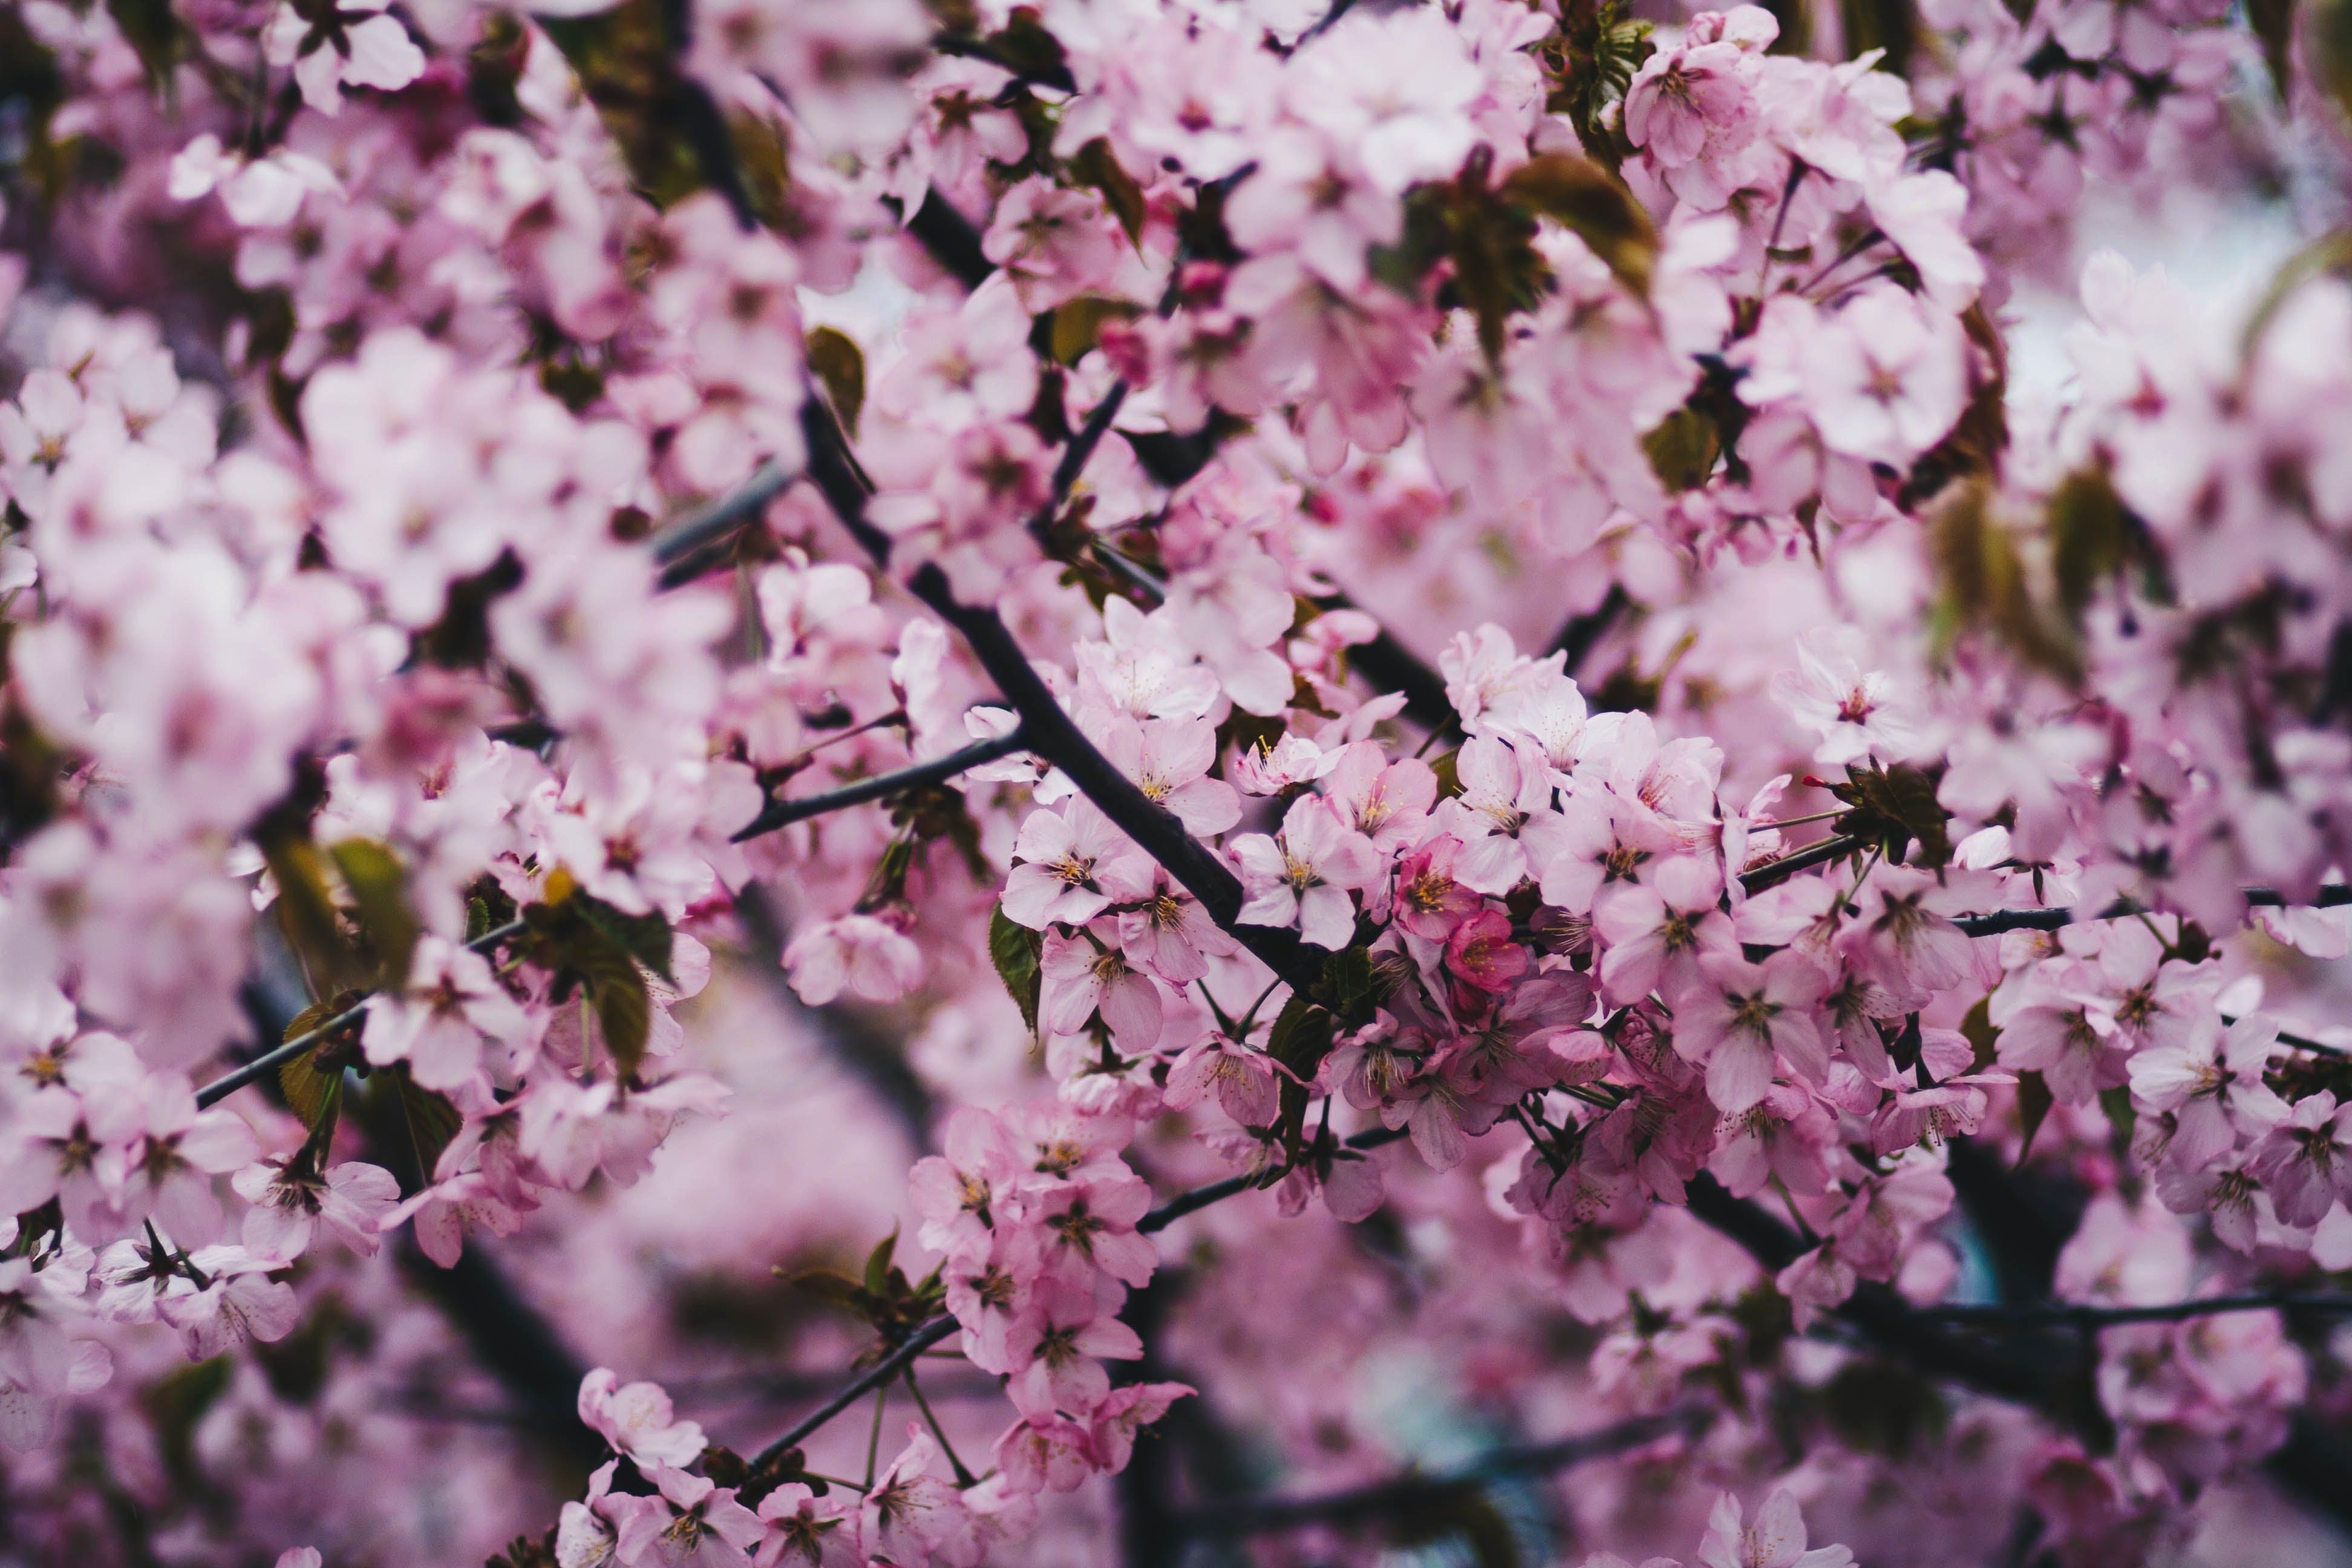 フラワーズ, フローラ, 桜, 繊細の